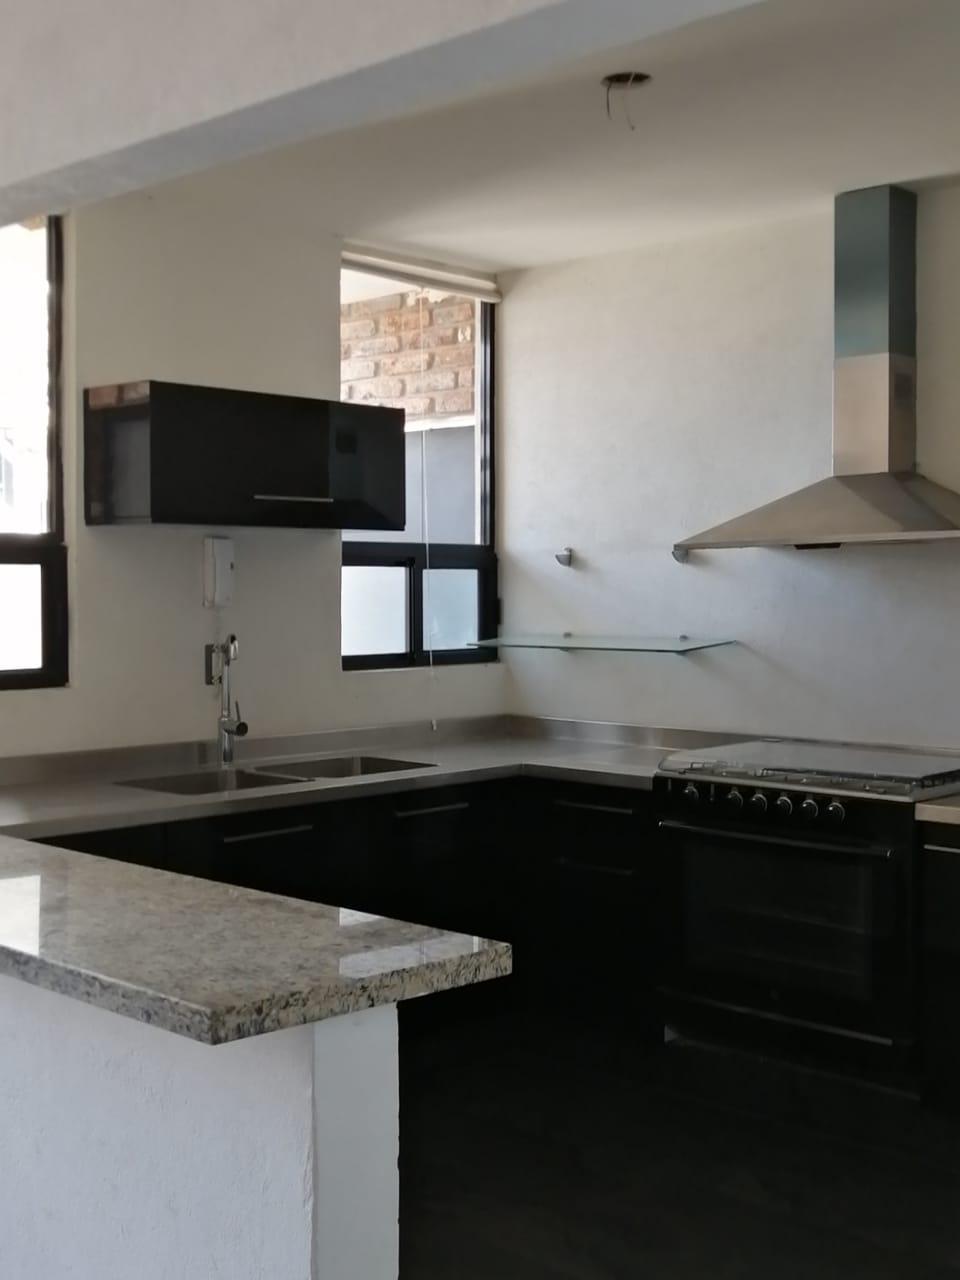 Se vende departamento en San Luis Potosí